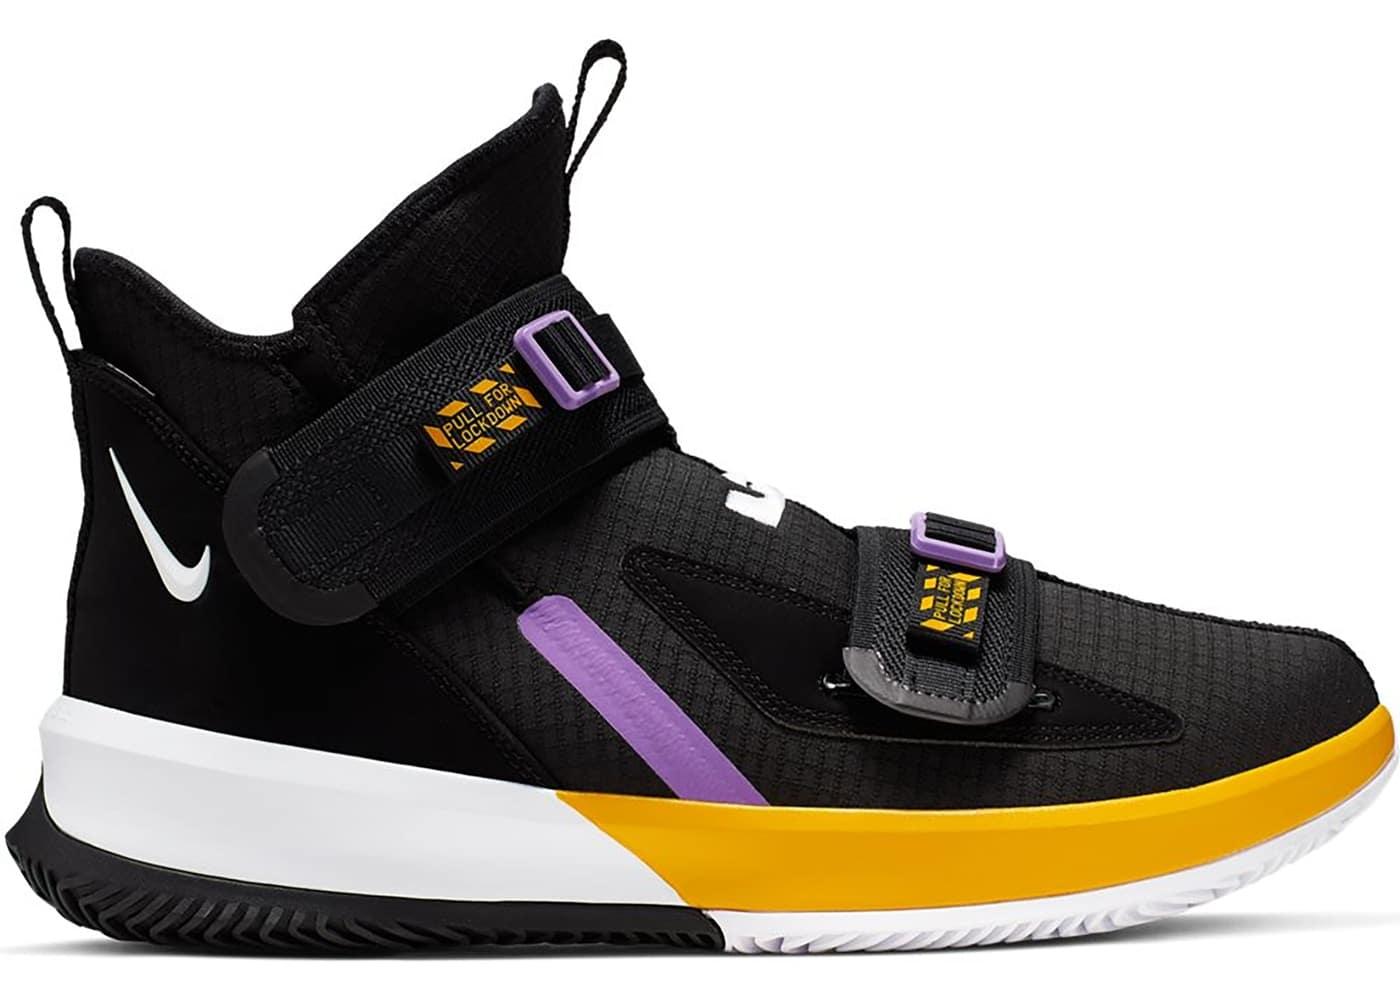 Giày bóng rổ Nike Lebron Soldier 132